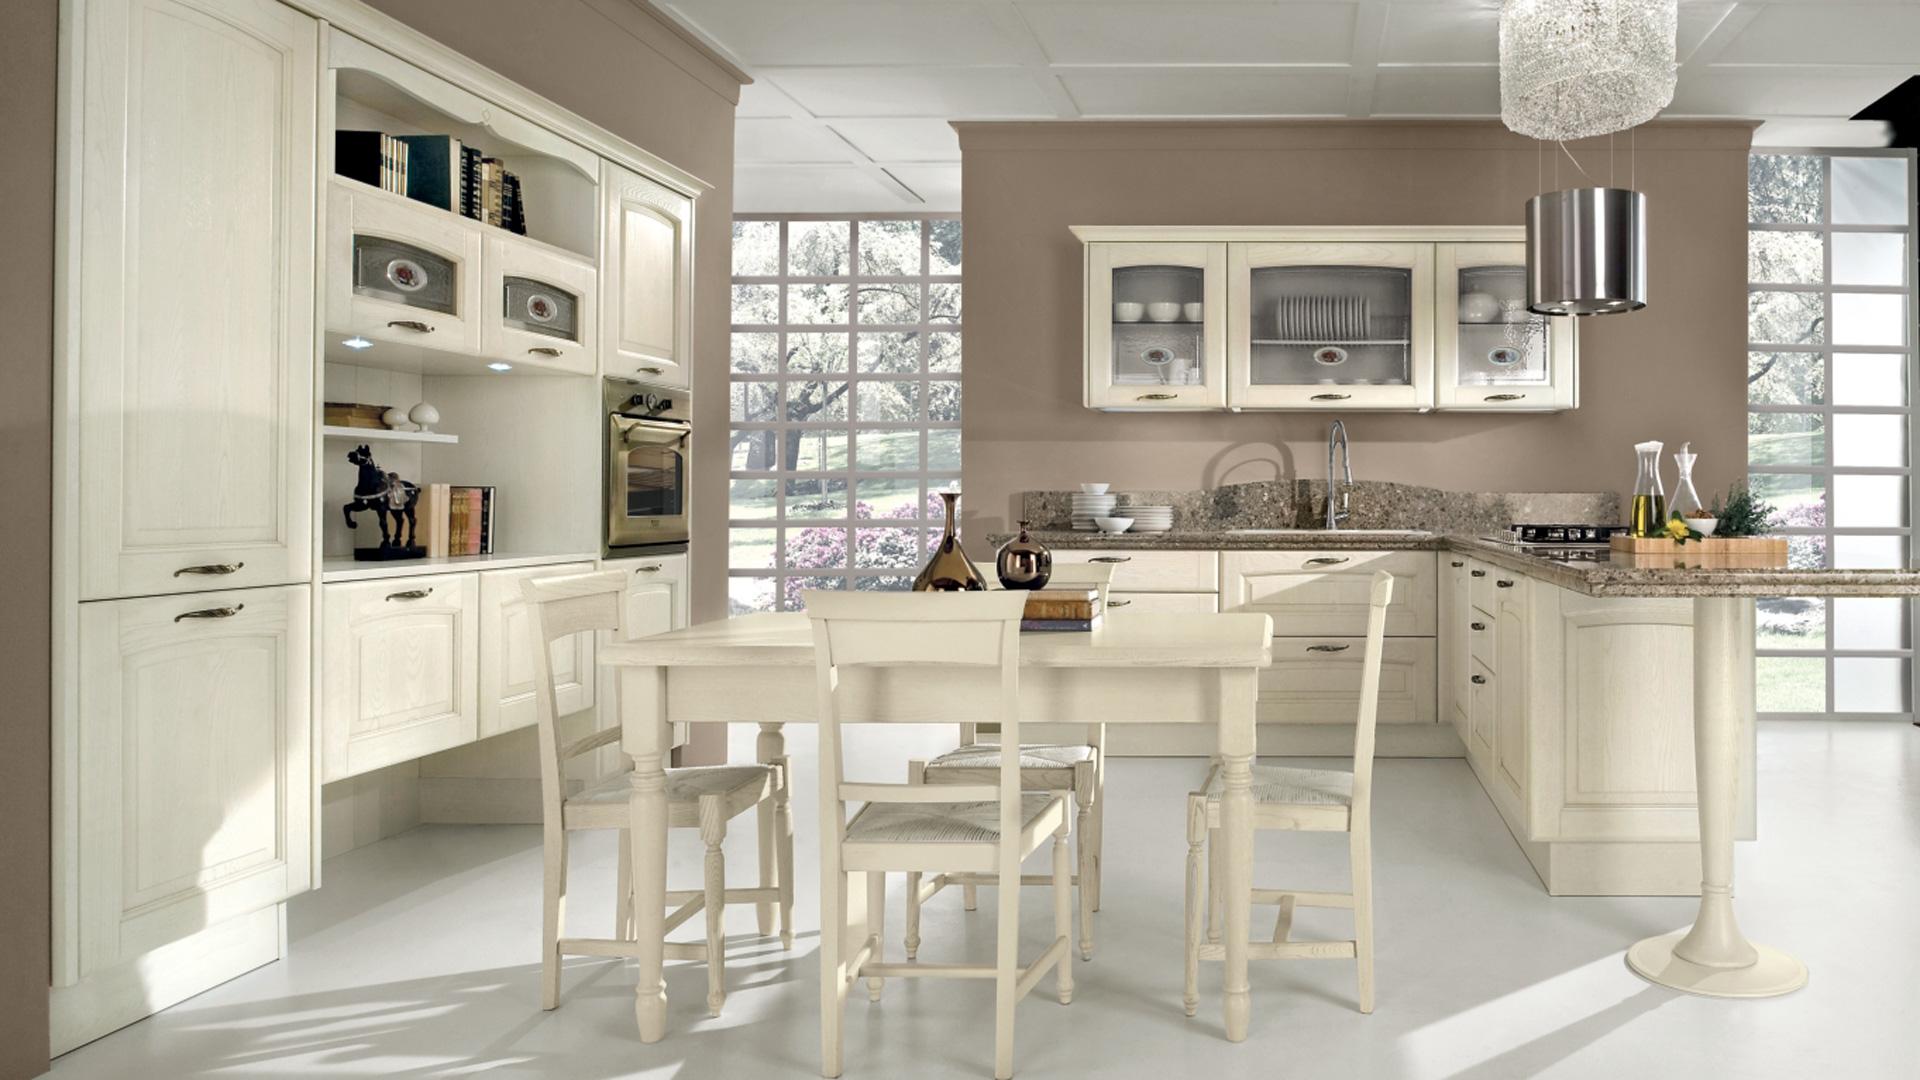 Lube cucine classiche veronica shop online su grancasa for Cucine classiche